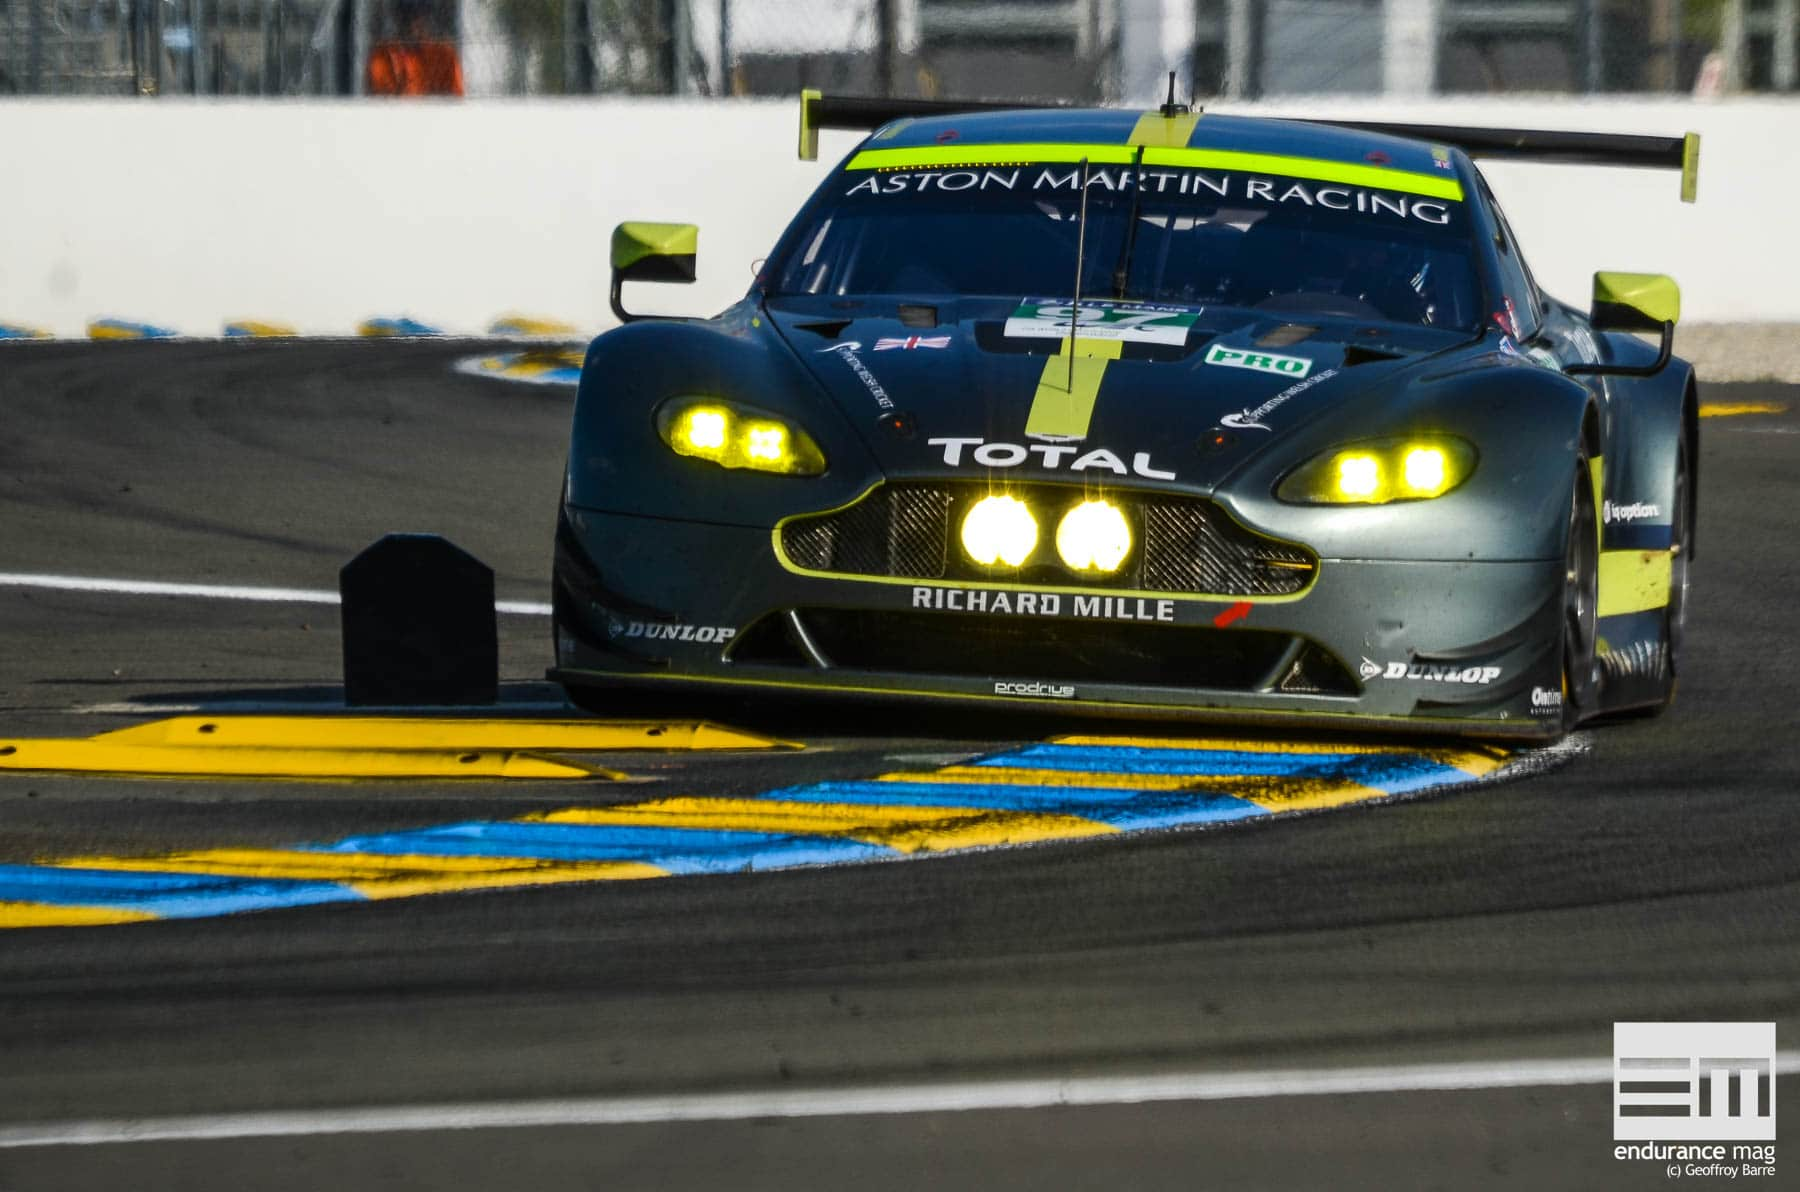 La #97 apporte enfin la victoire à Aston Martin en LMGTE Pro, Darren Turner signe même le record du tour en essais pour la catégorie.